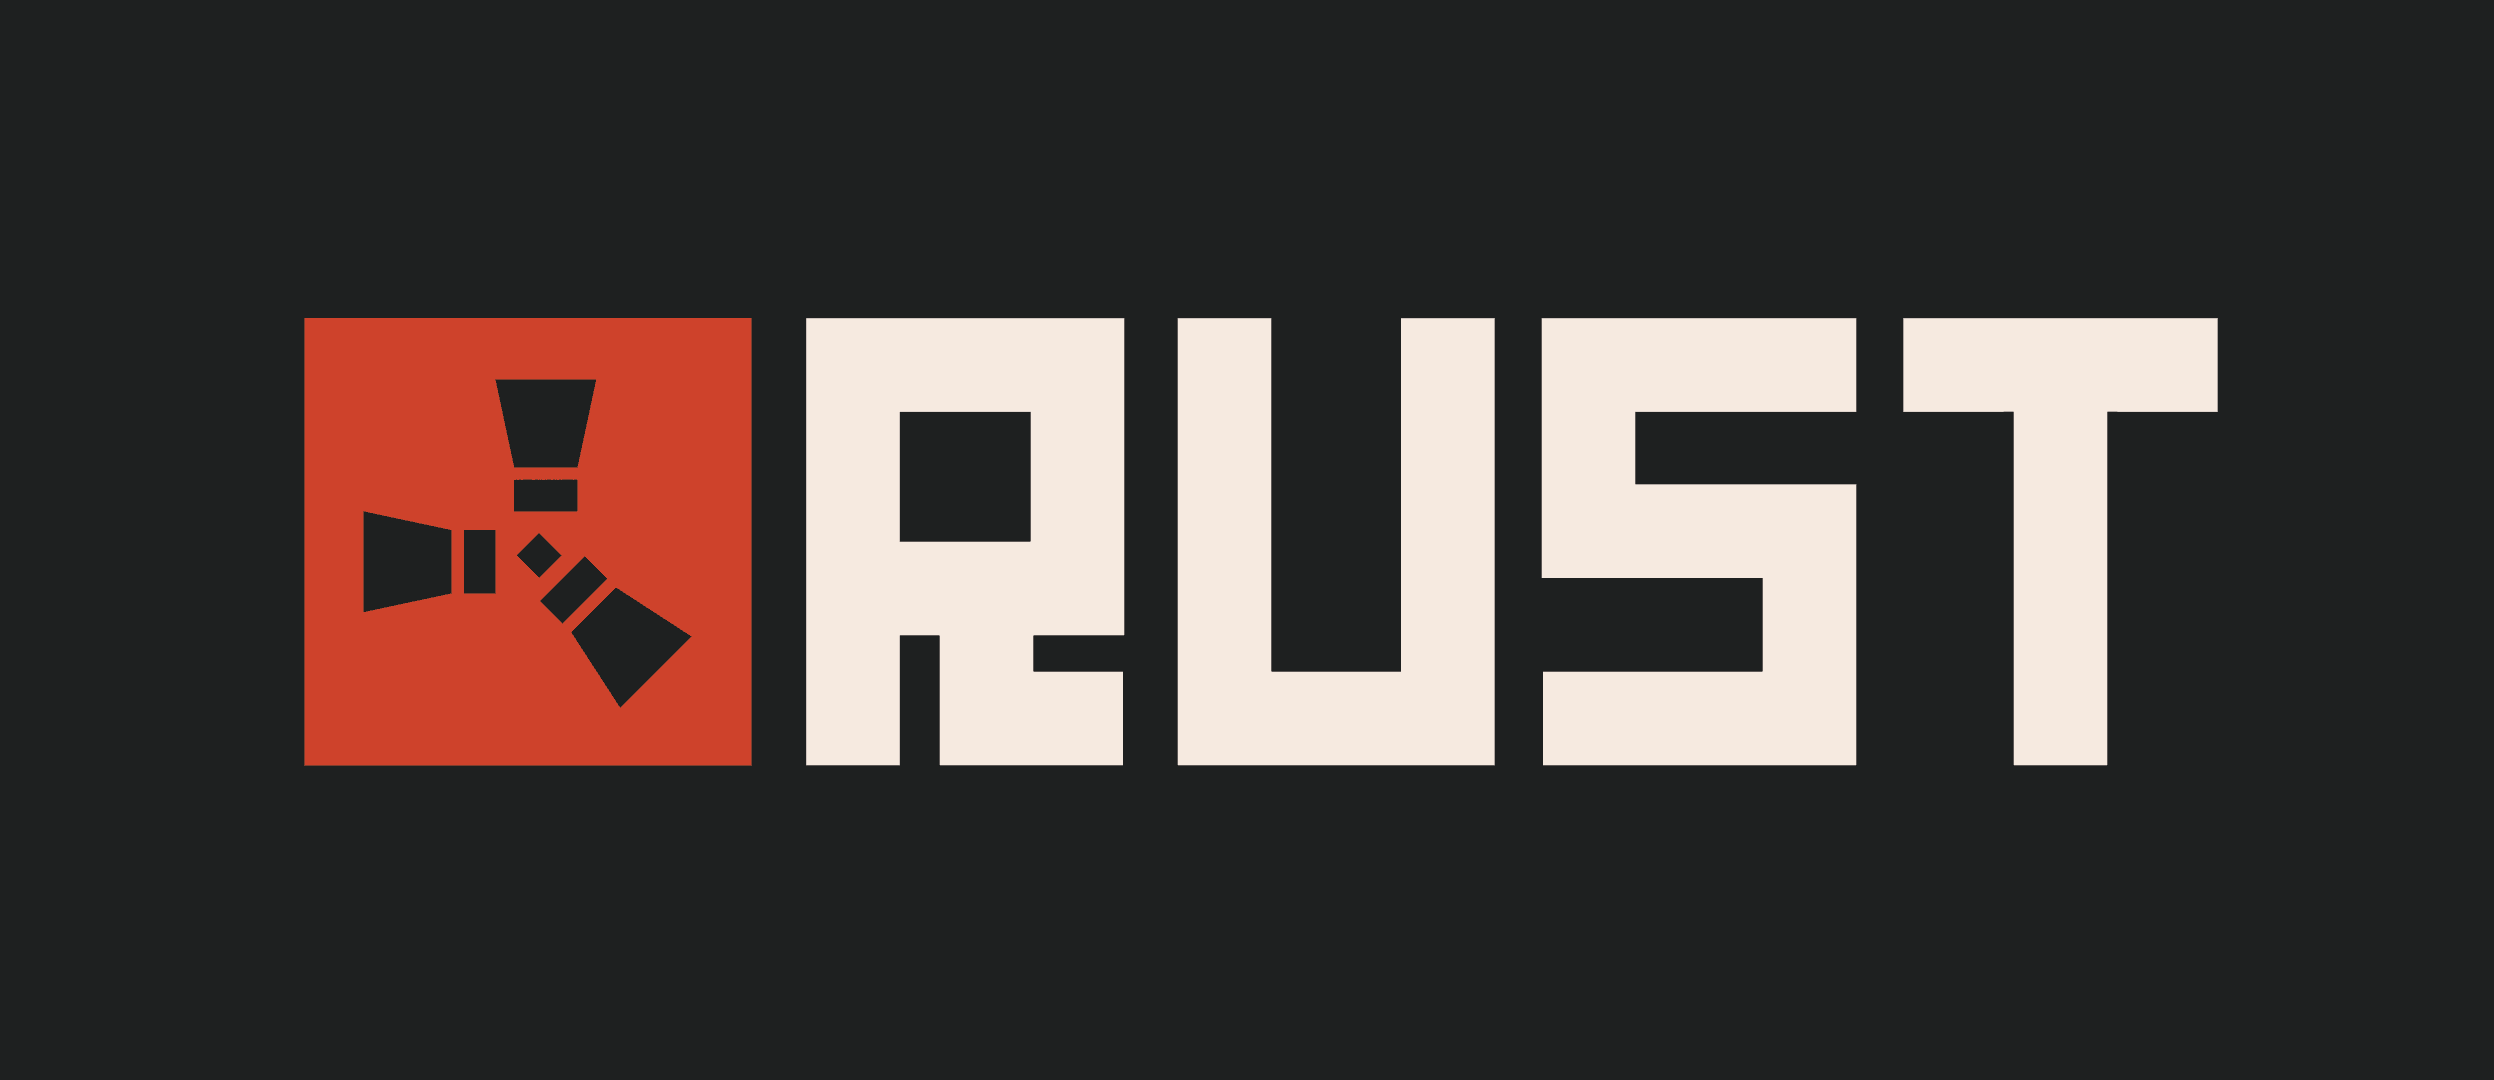 Play Rustt